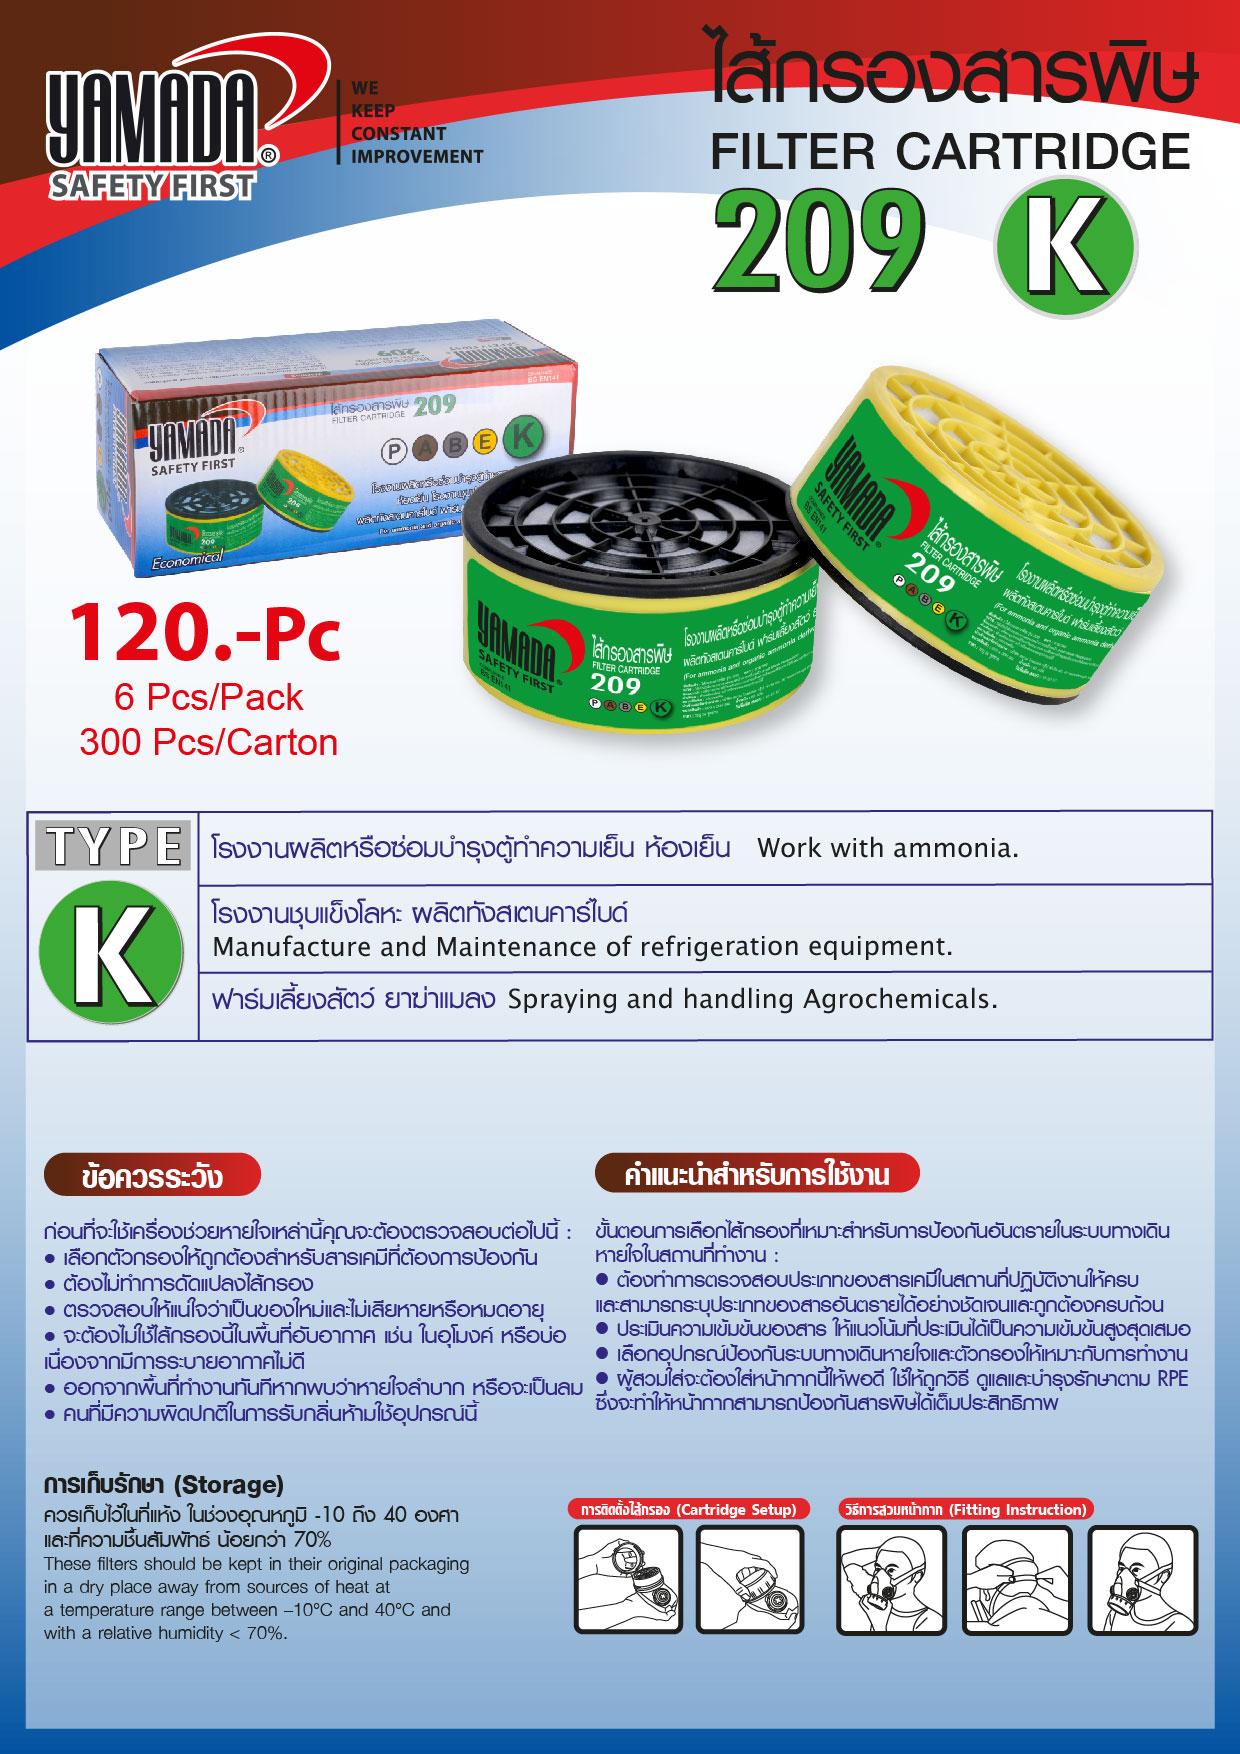 (86/268) ไส้กรองสารพิษ 209 TYPE K / Filter Cartridge